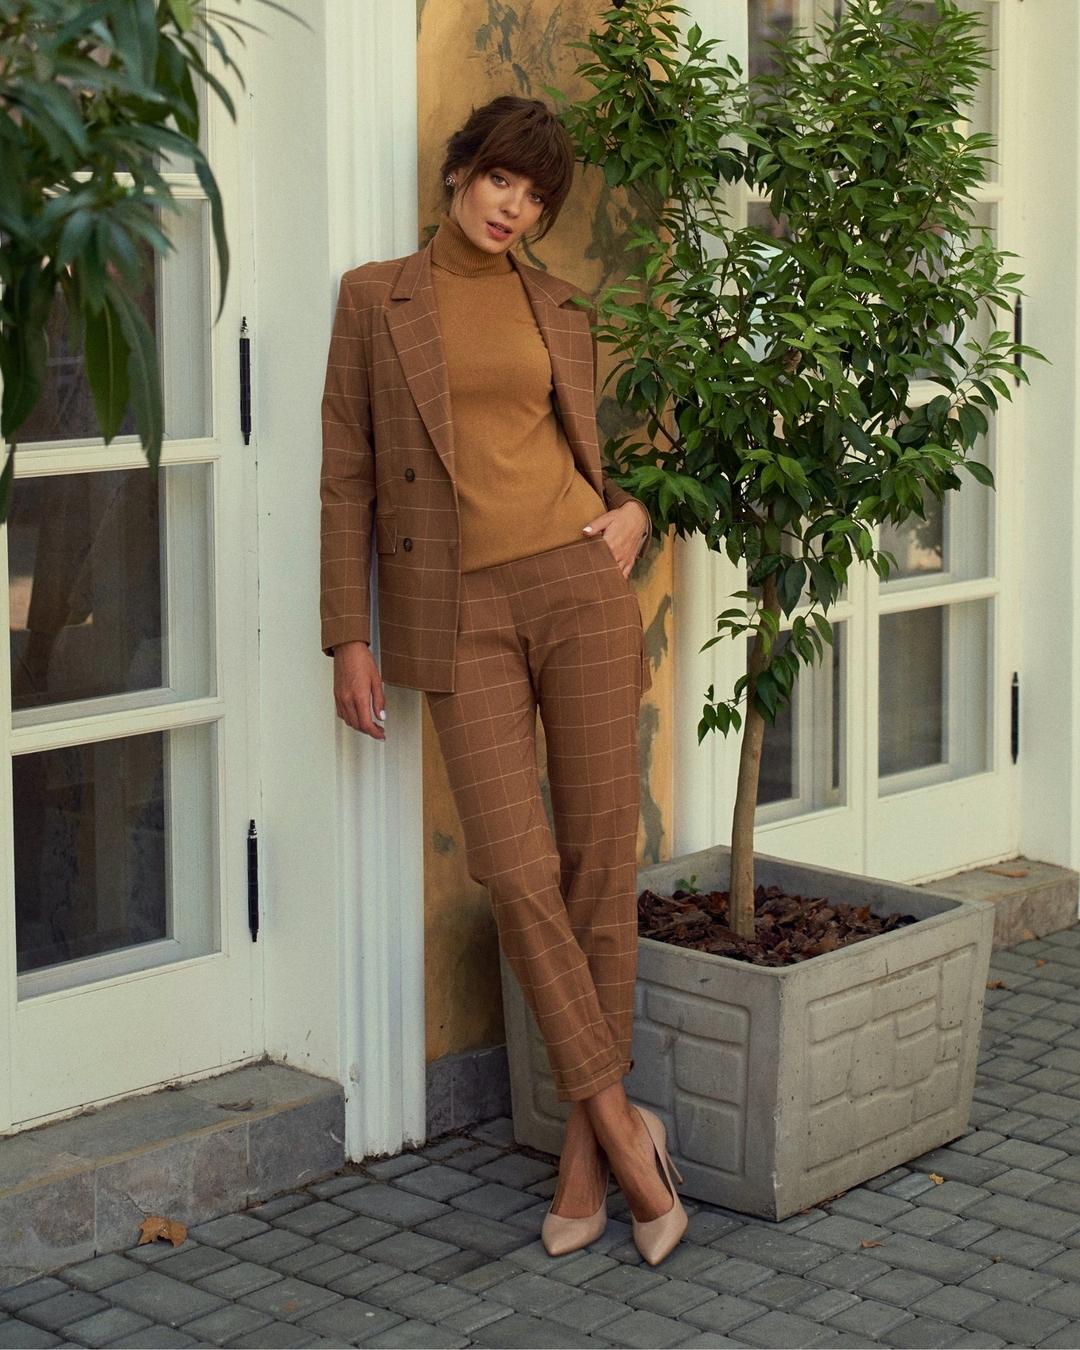 модный женский брючный костюм украинский бренд осень 2021 коричневый рыжий клетка